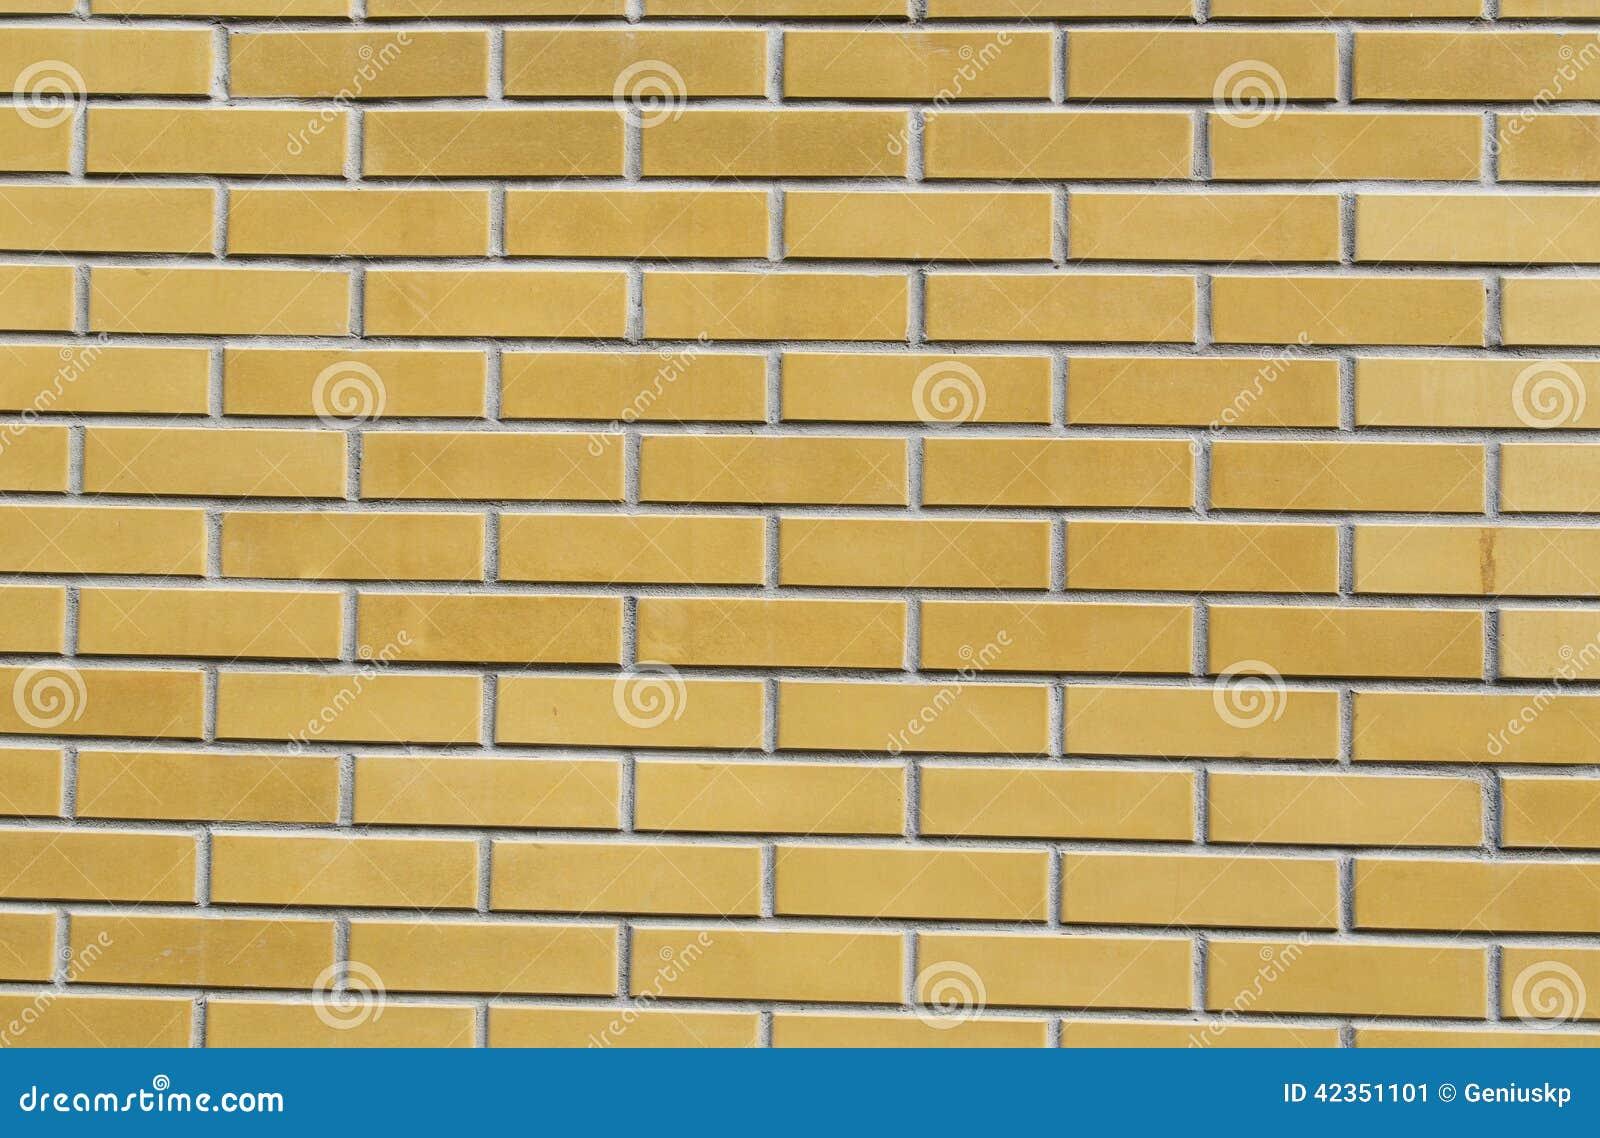 texture de brique jaune photo stock image 42351101. Black Bedroom Furniture Sets. Home Design Ideas